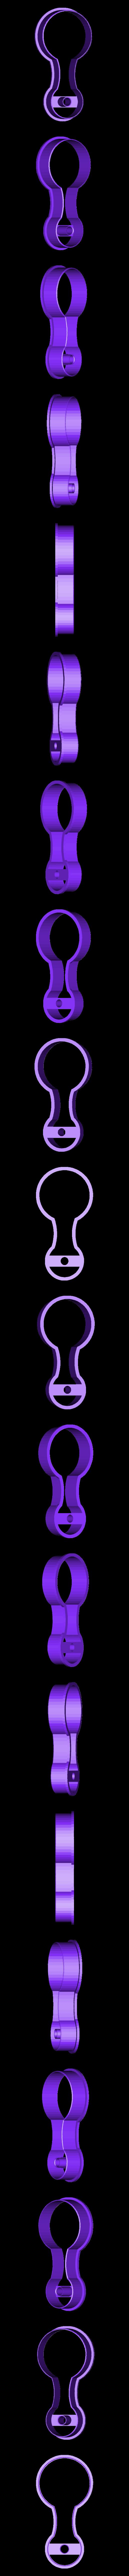 Babyshower_1.obj Download free OBJ file Baby Shower cookie cutters • 3D printing model, Ragkov